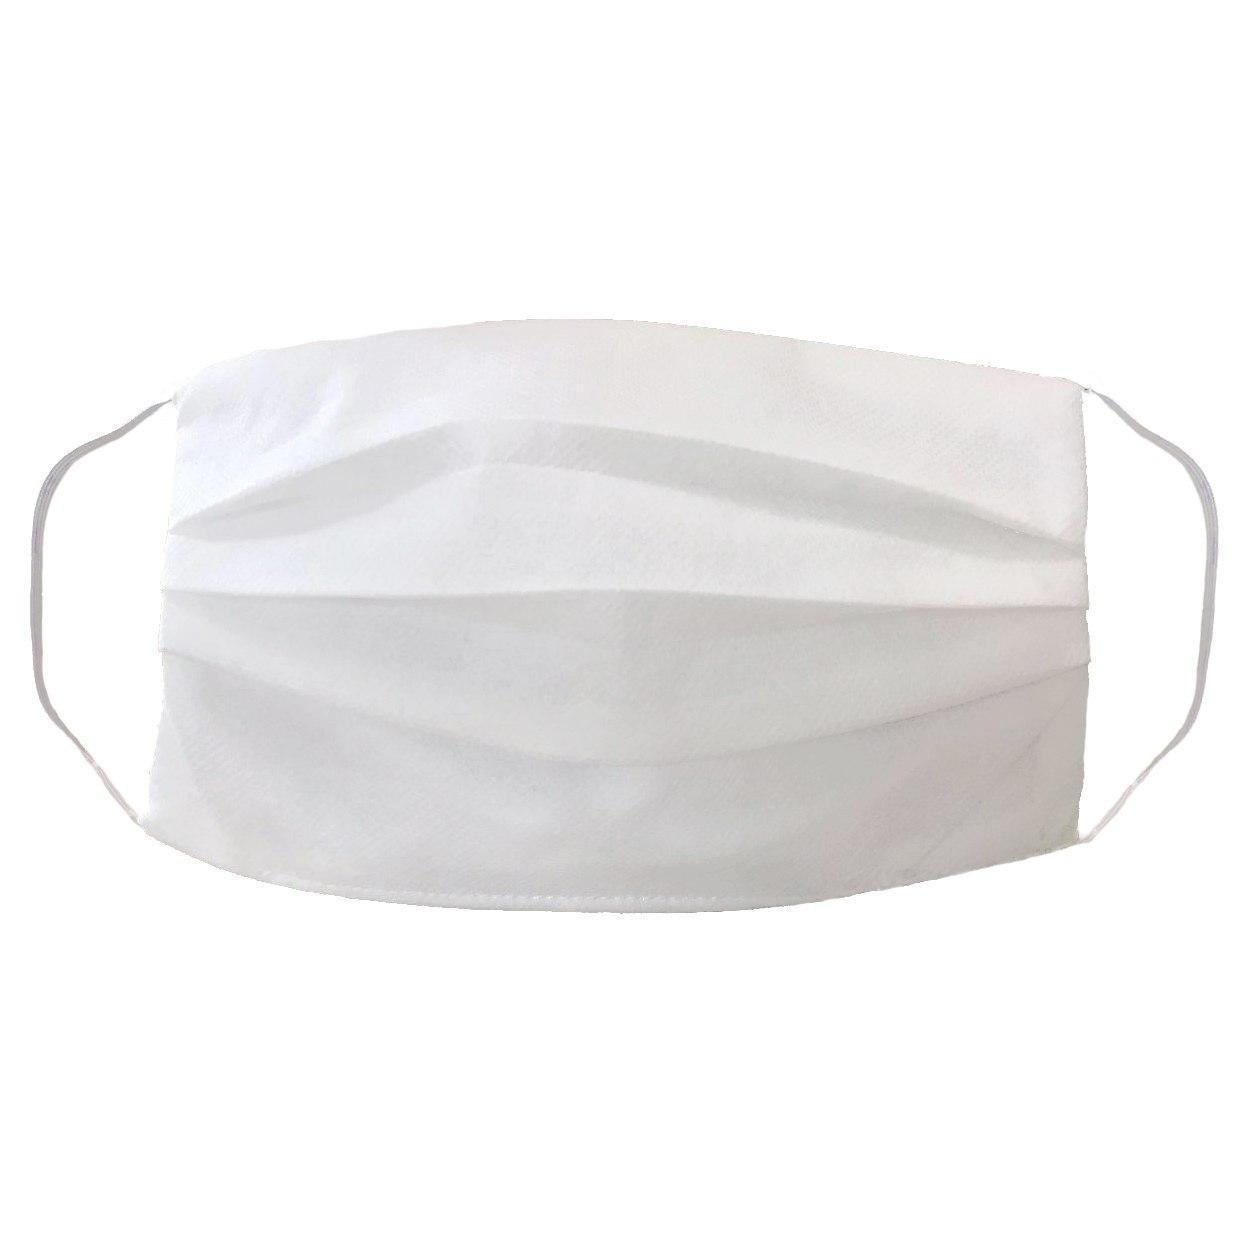 Маска медицинская для лица cпецмедпошив одноразовая трехслойная защитная, упаковка 30 шт